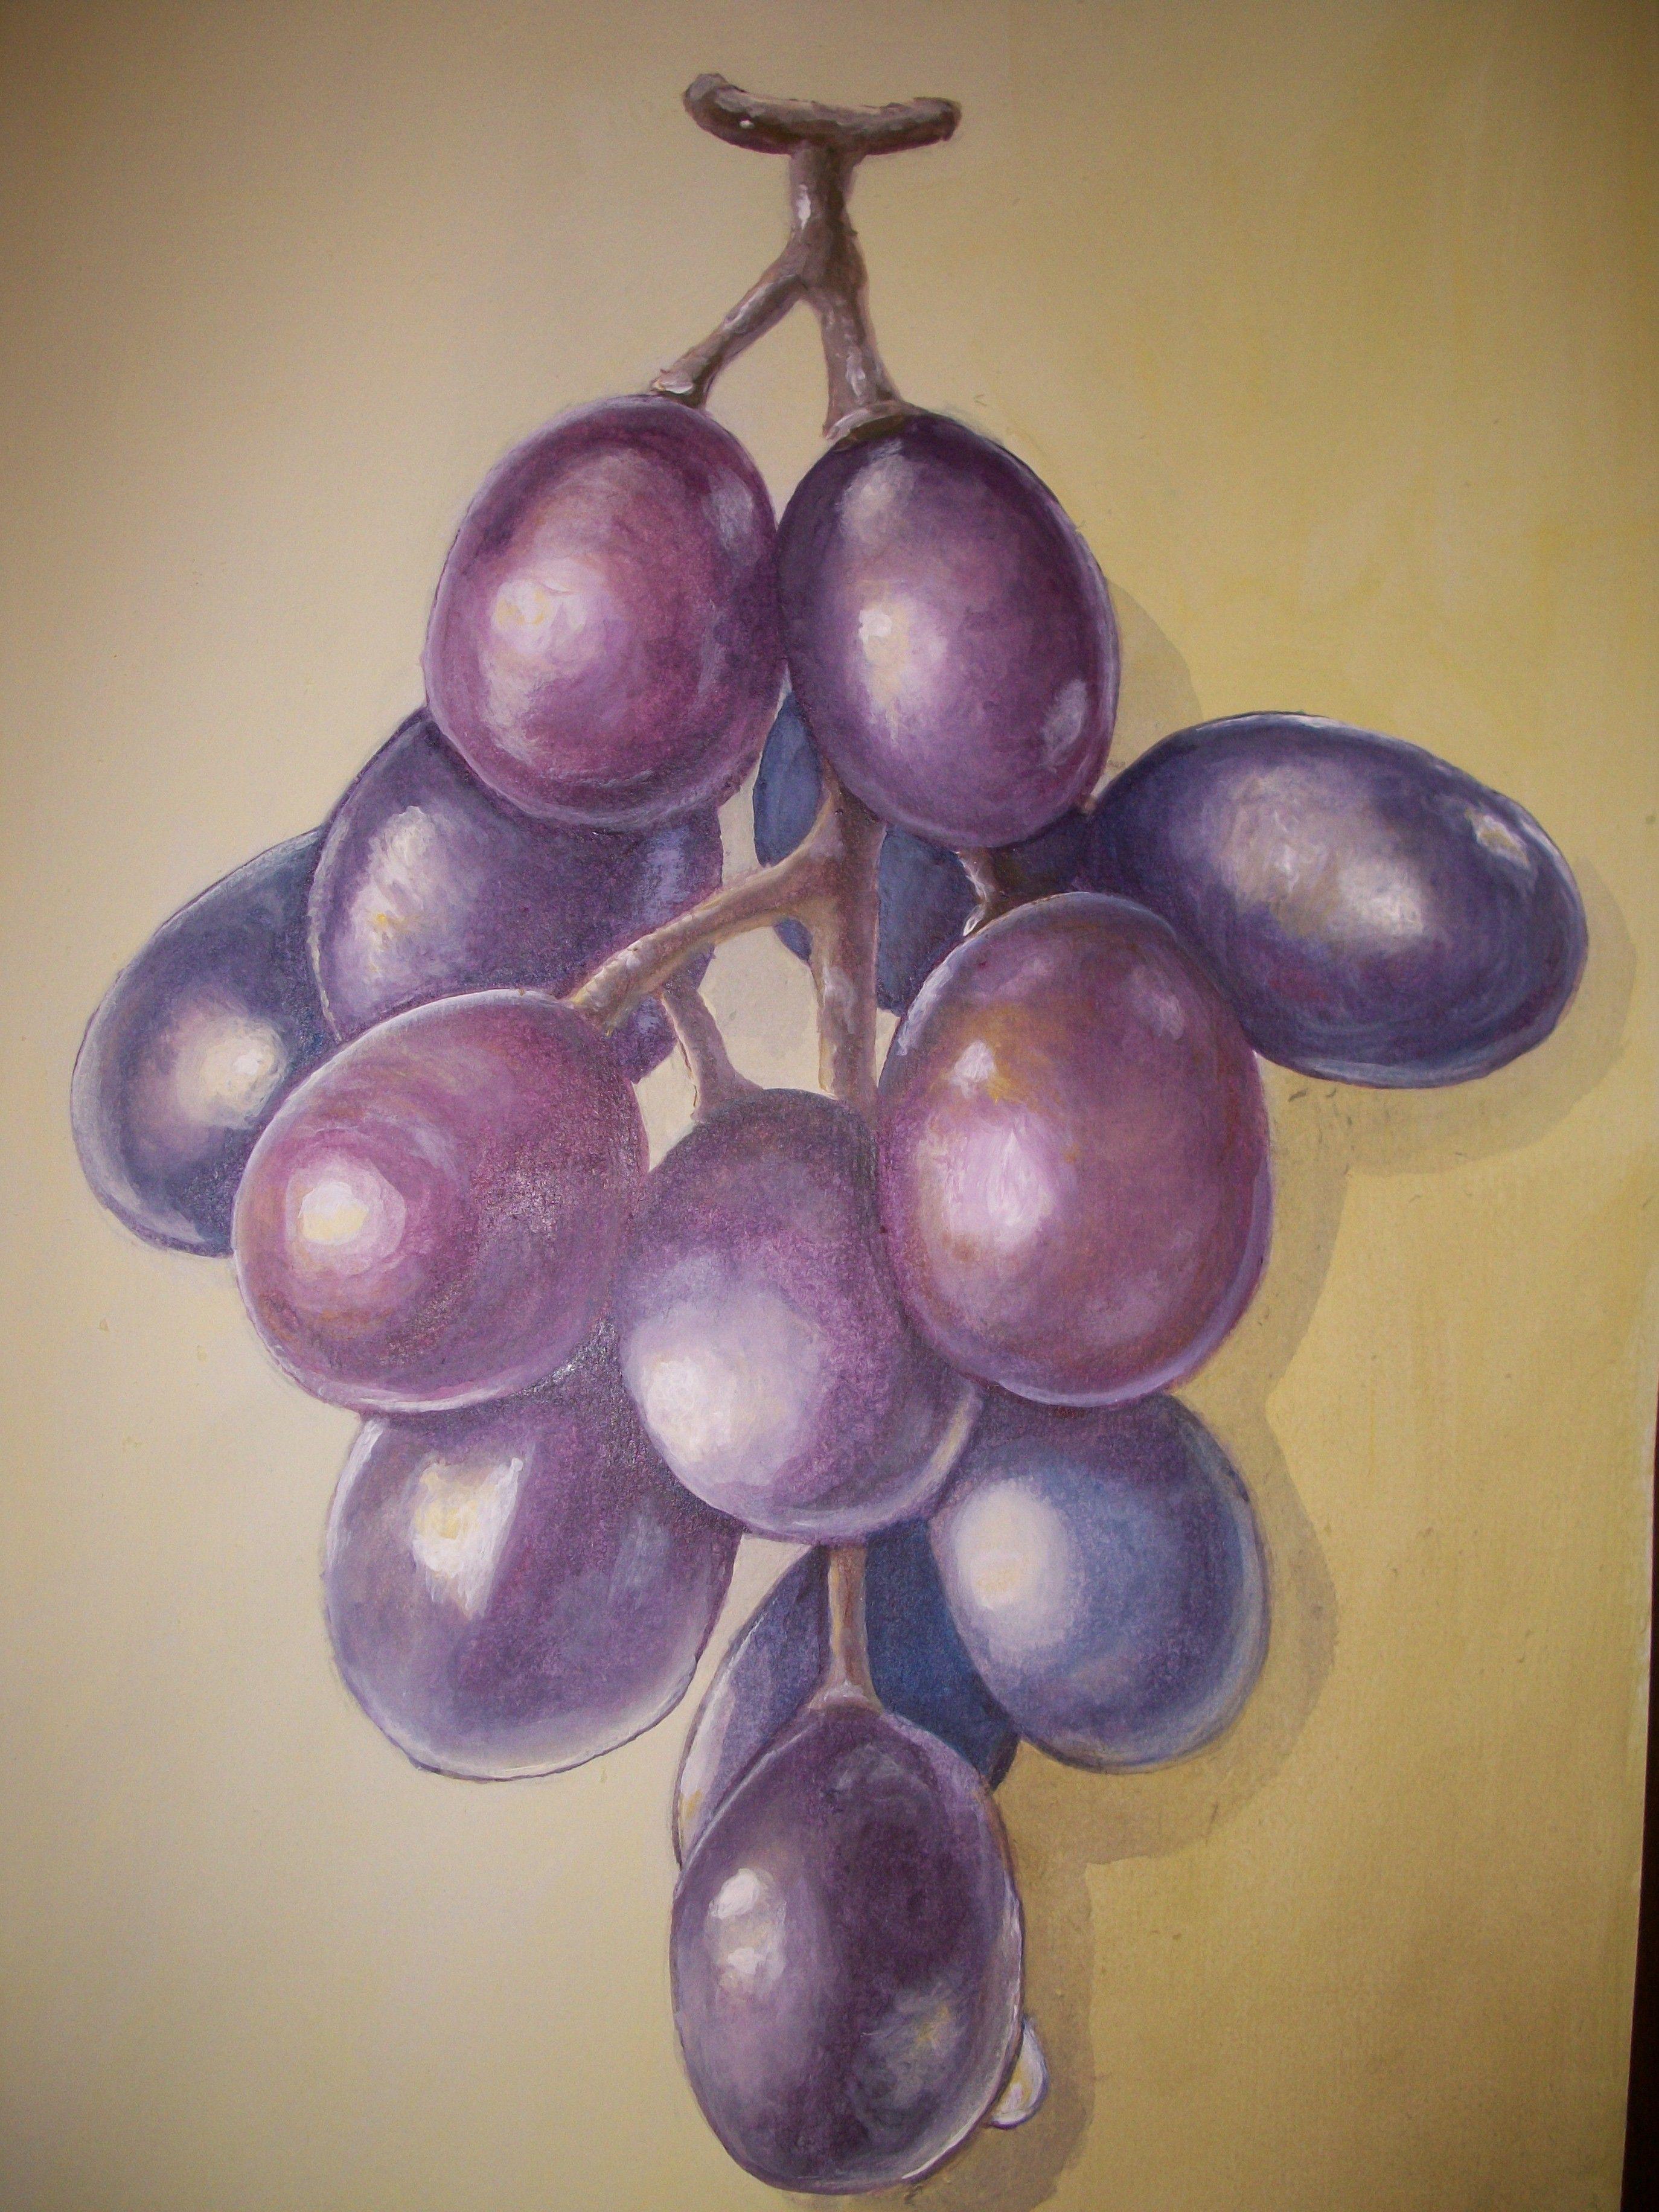 Estudio sobre complementarios, racimo de uvas   Dibujos y pinturas ...